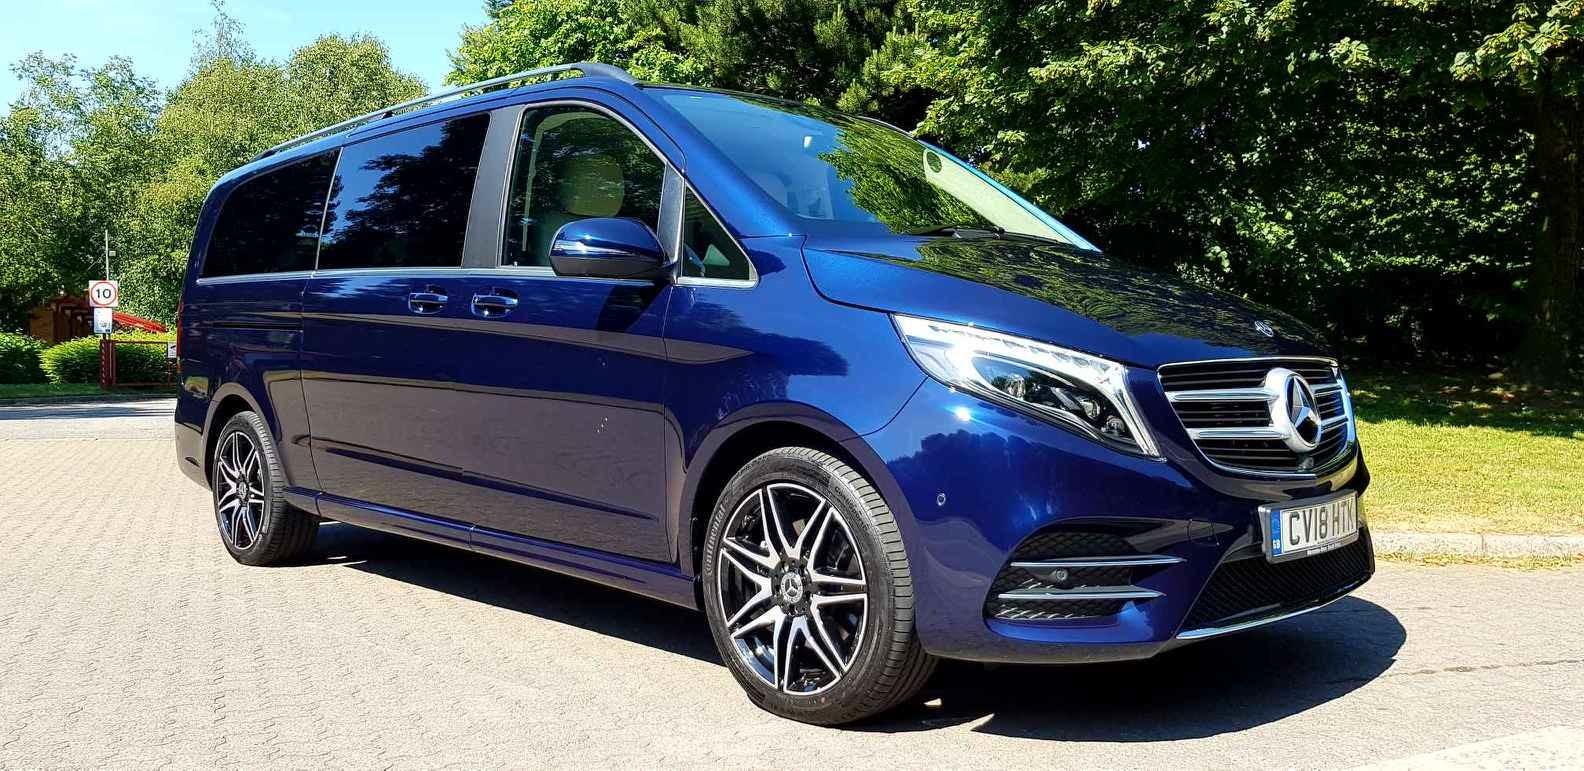 Blue V-Class Mercedes Viano